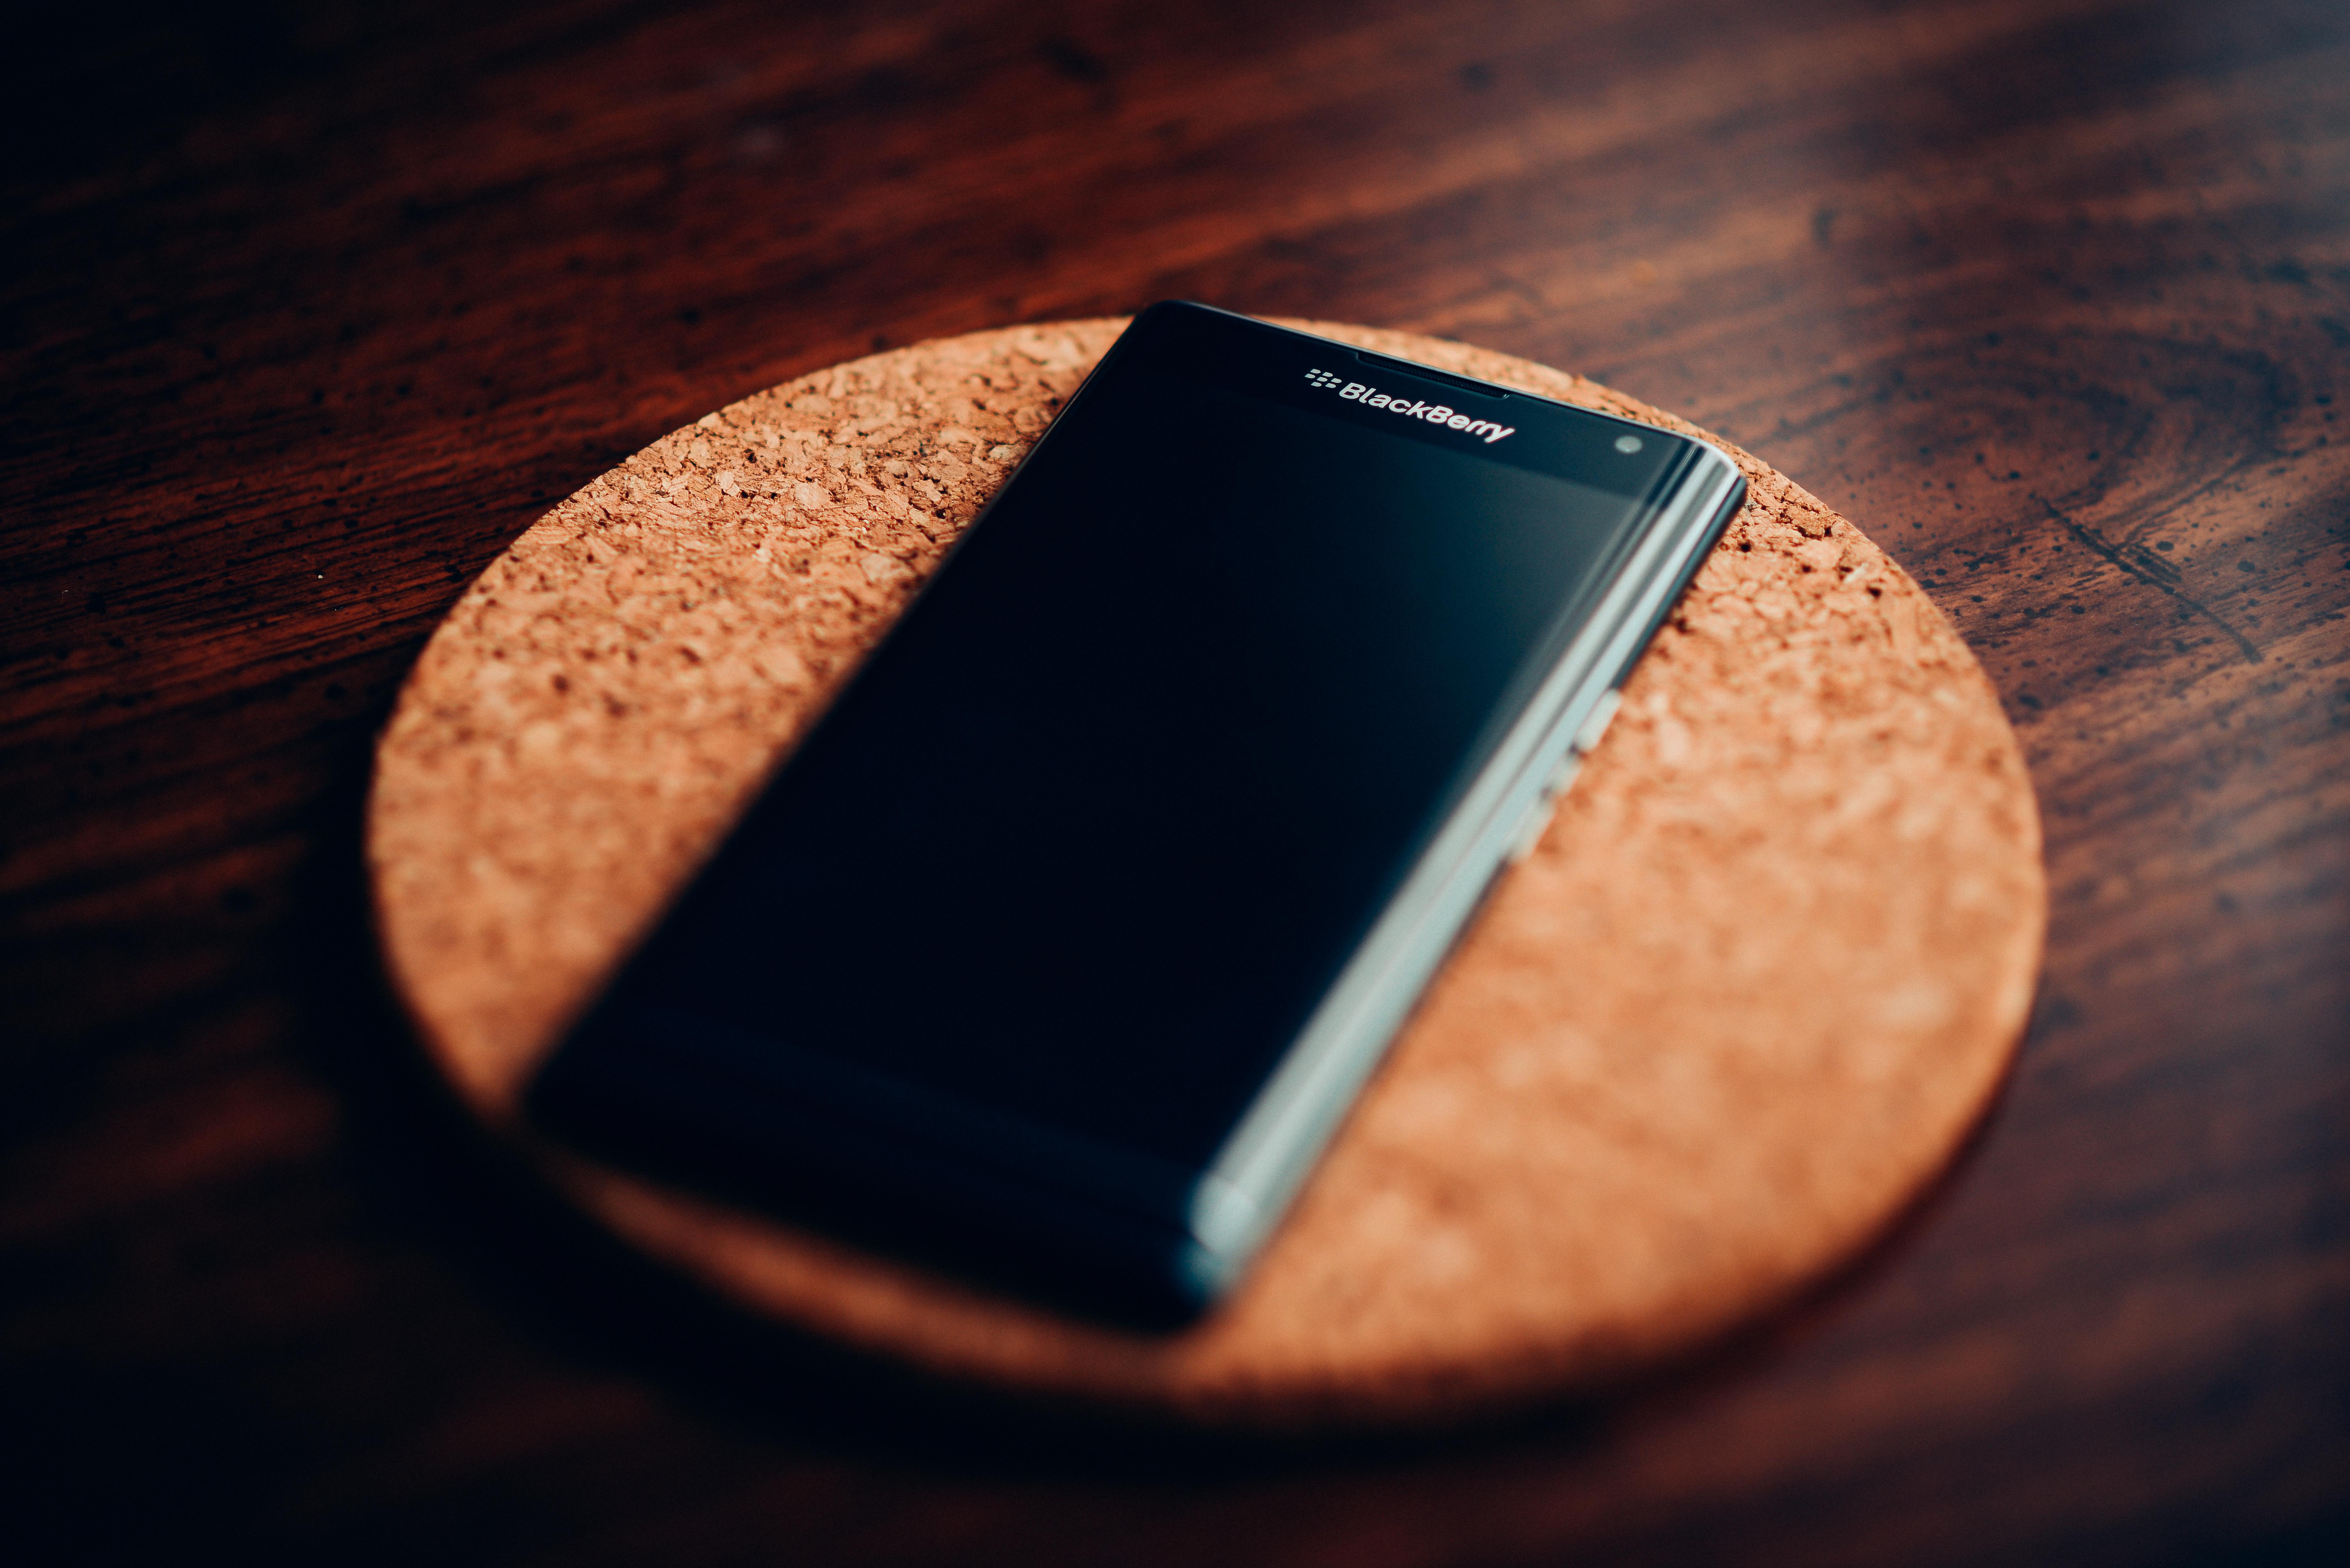 BlackBerryPRIV-29